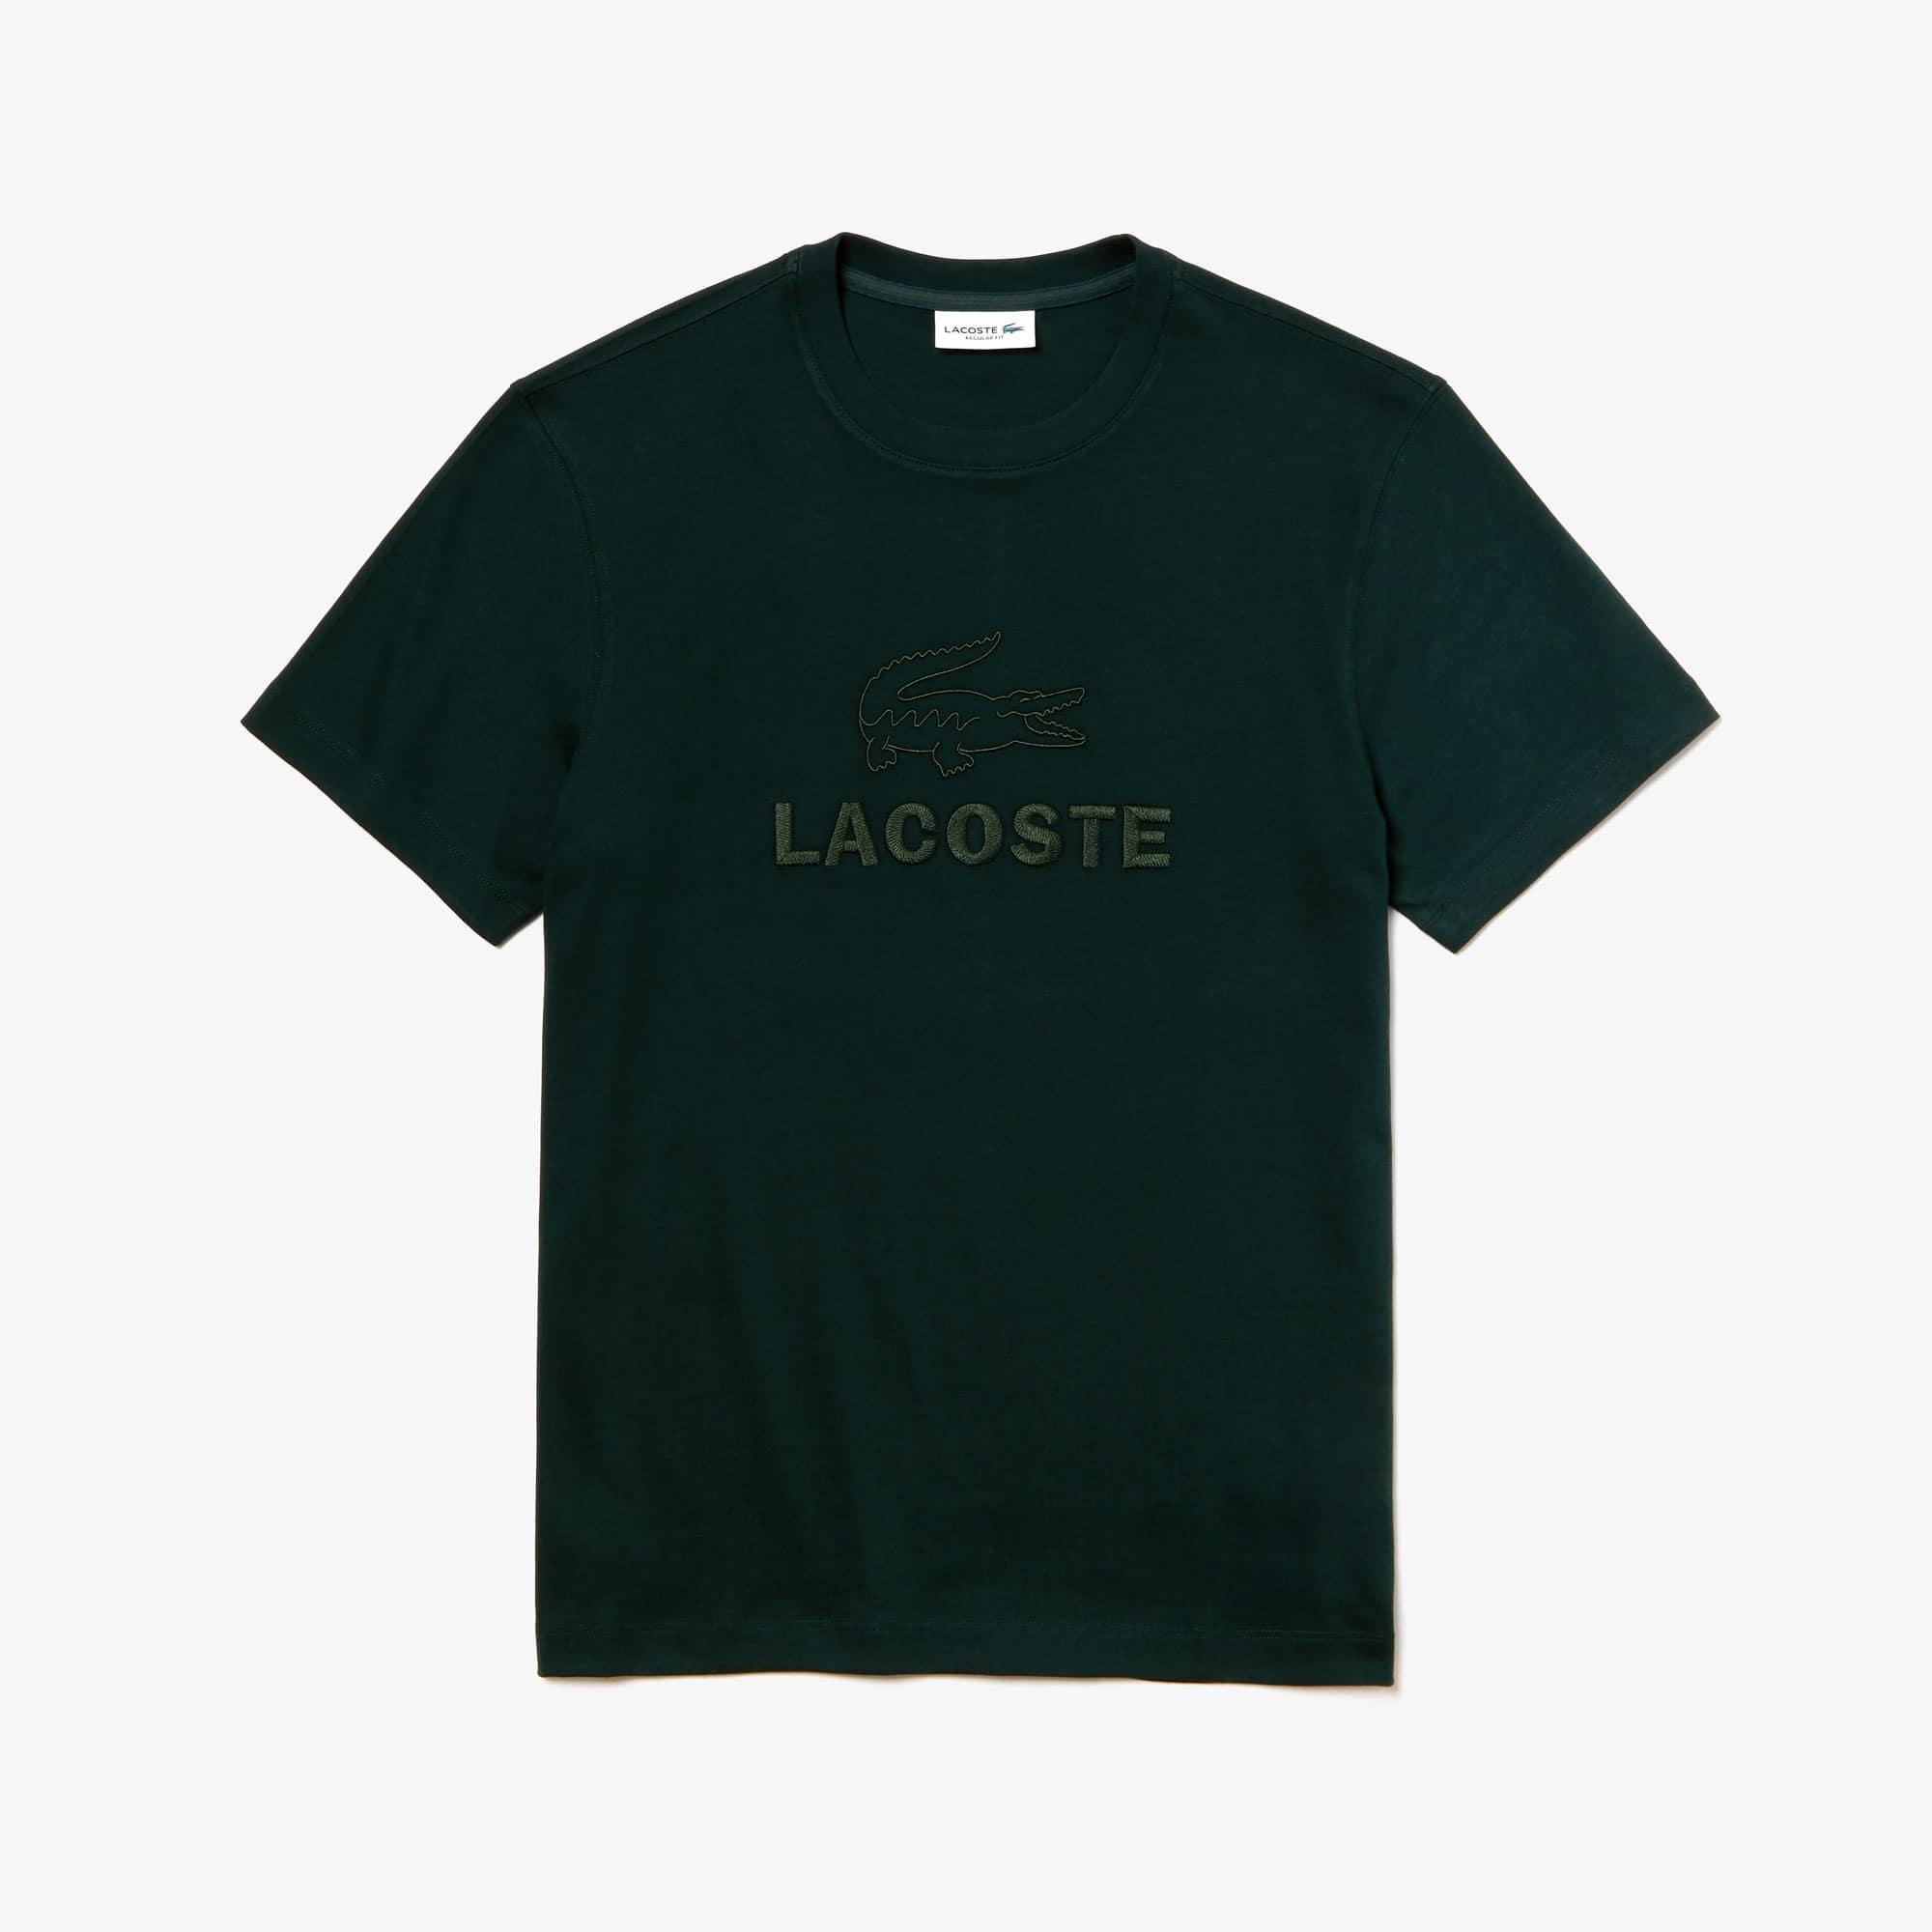 b046c283eece8 T-Shirts | Vêtements Homme | LACOSTE